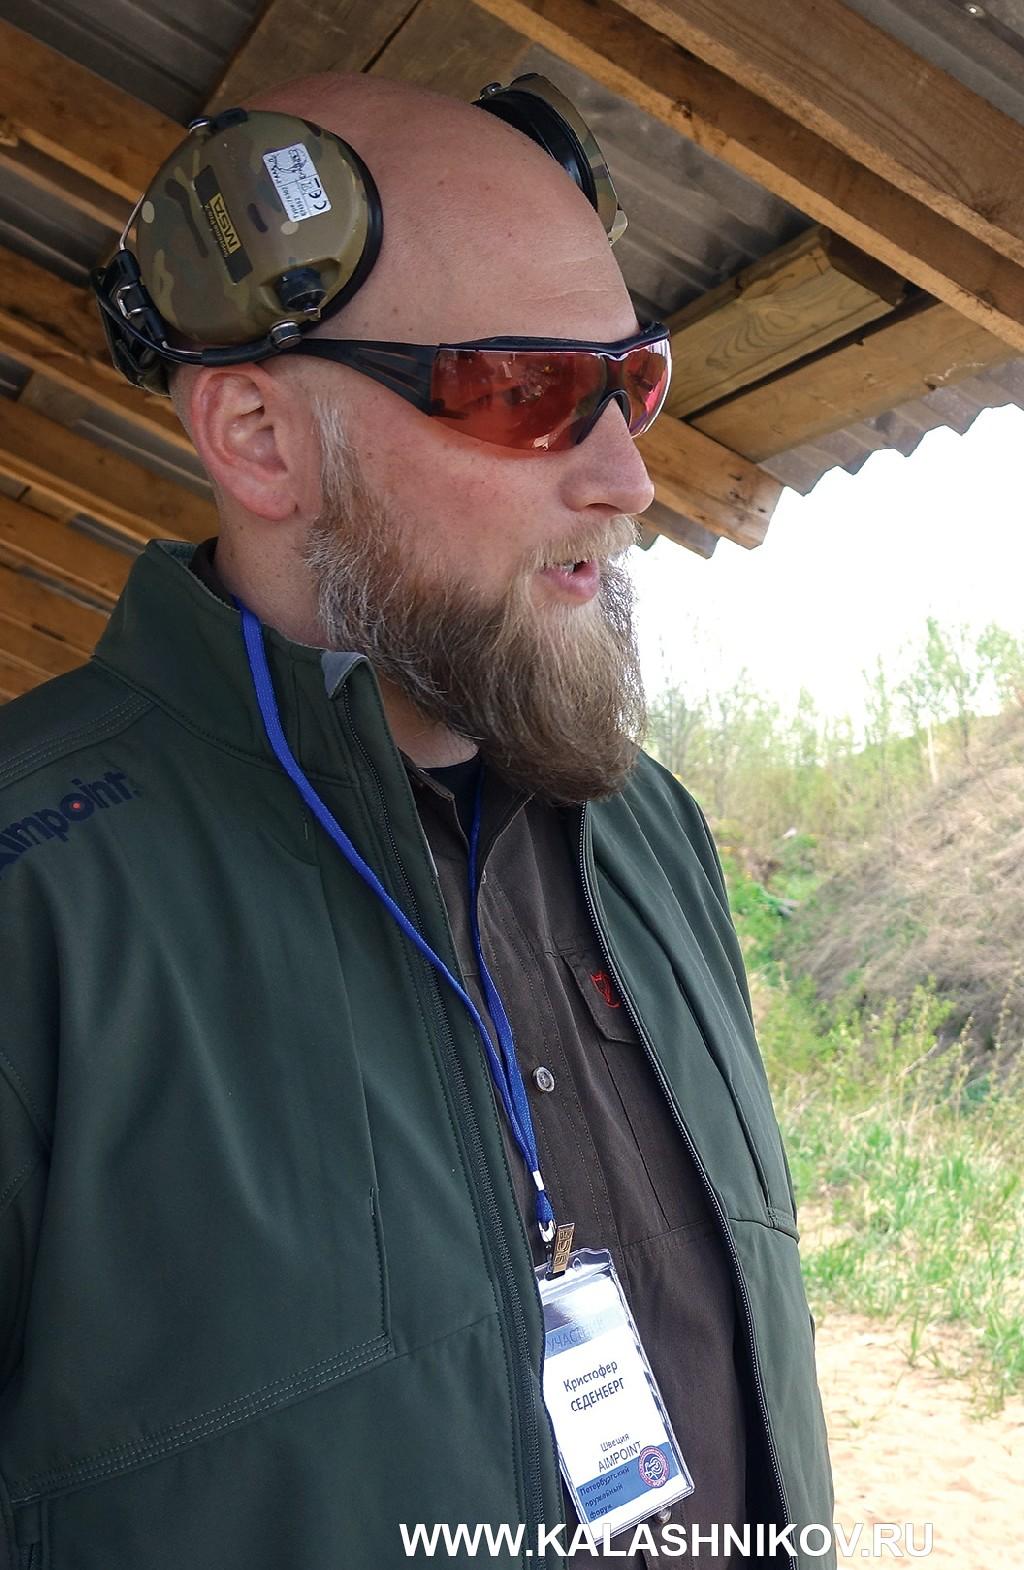 Кристофер Содерберг на Петербургском оружейном форуме 2019